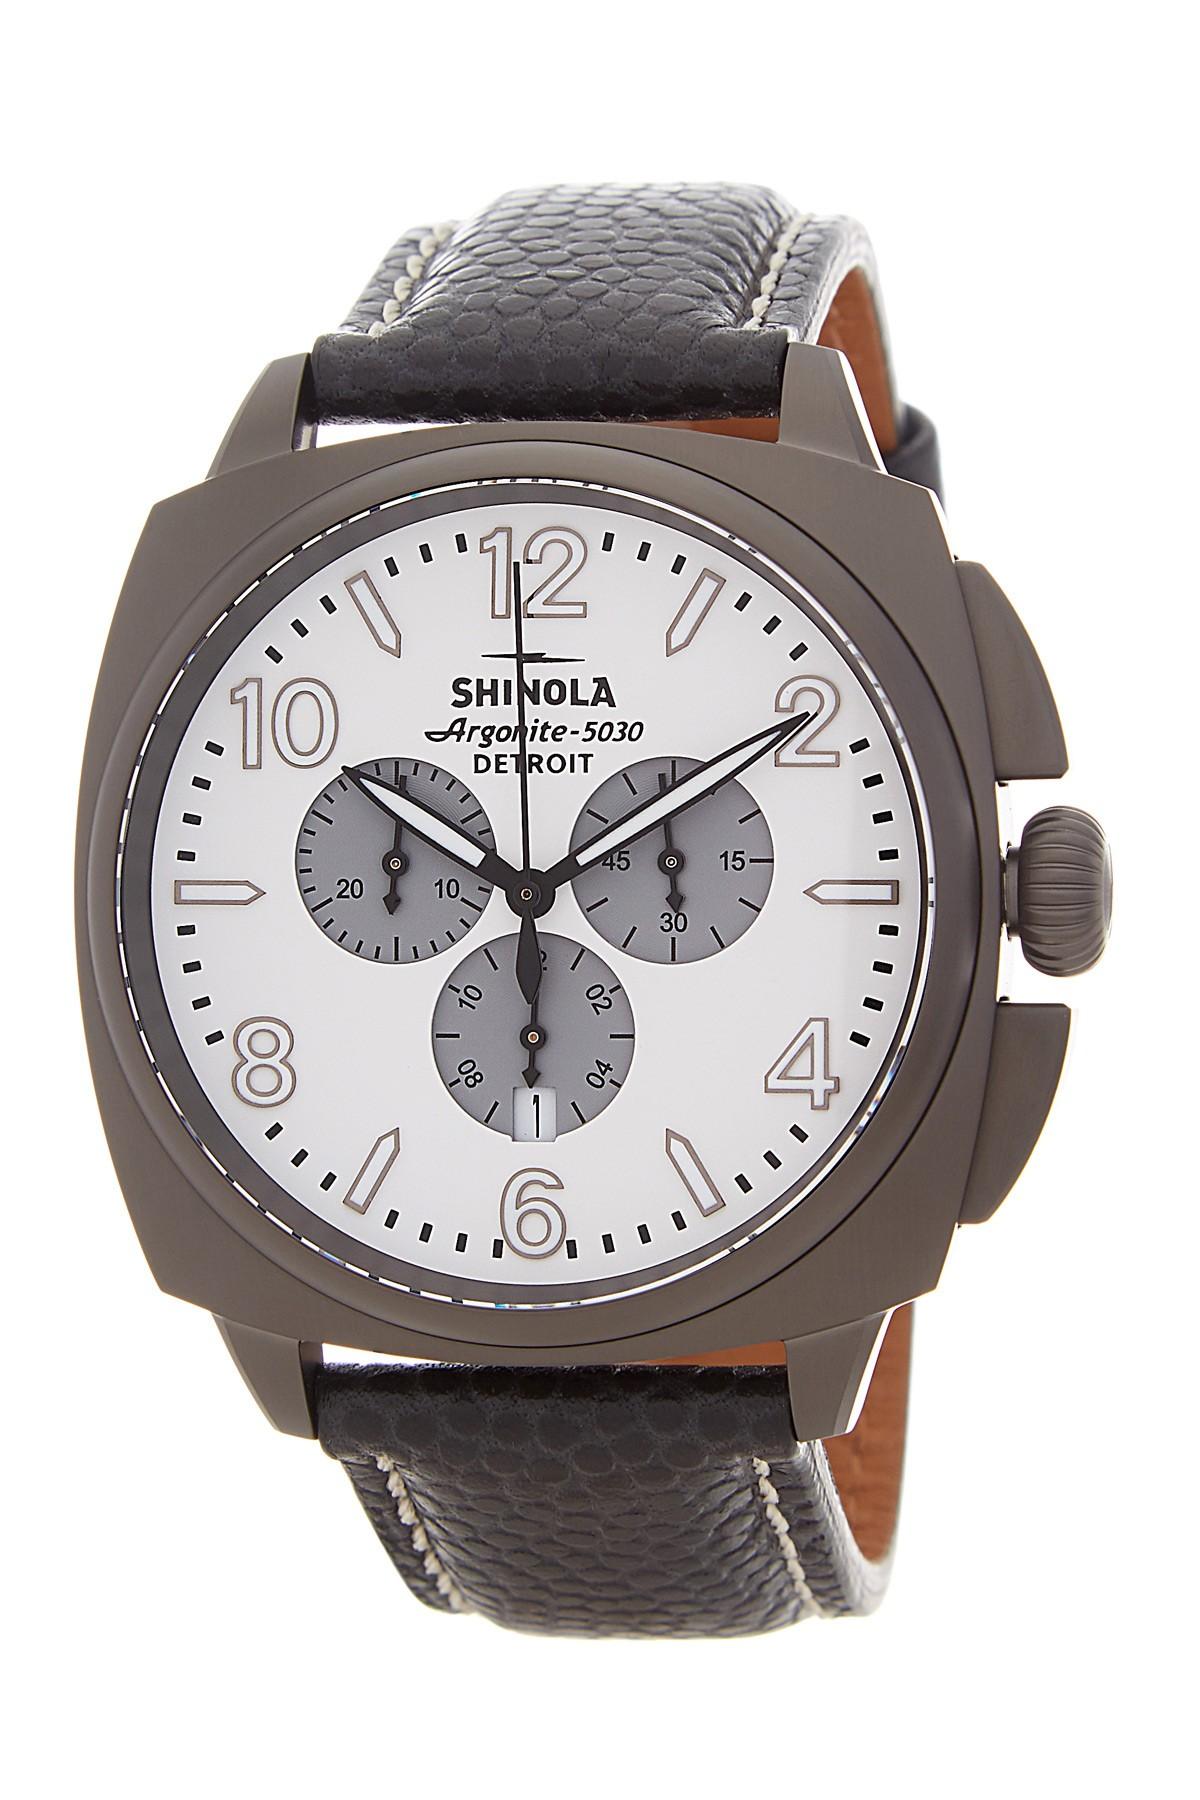 Shinola Watch | Shinola Store | Shit From Shinola